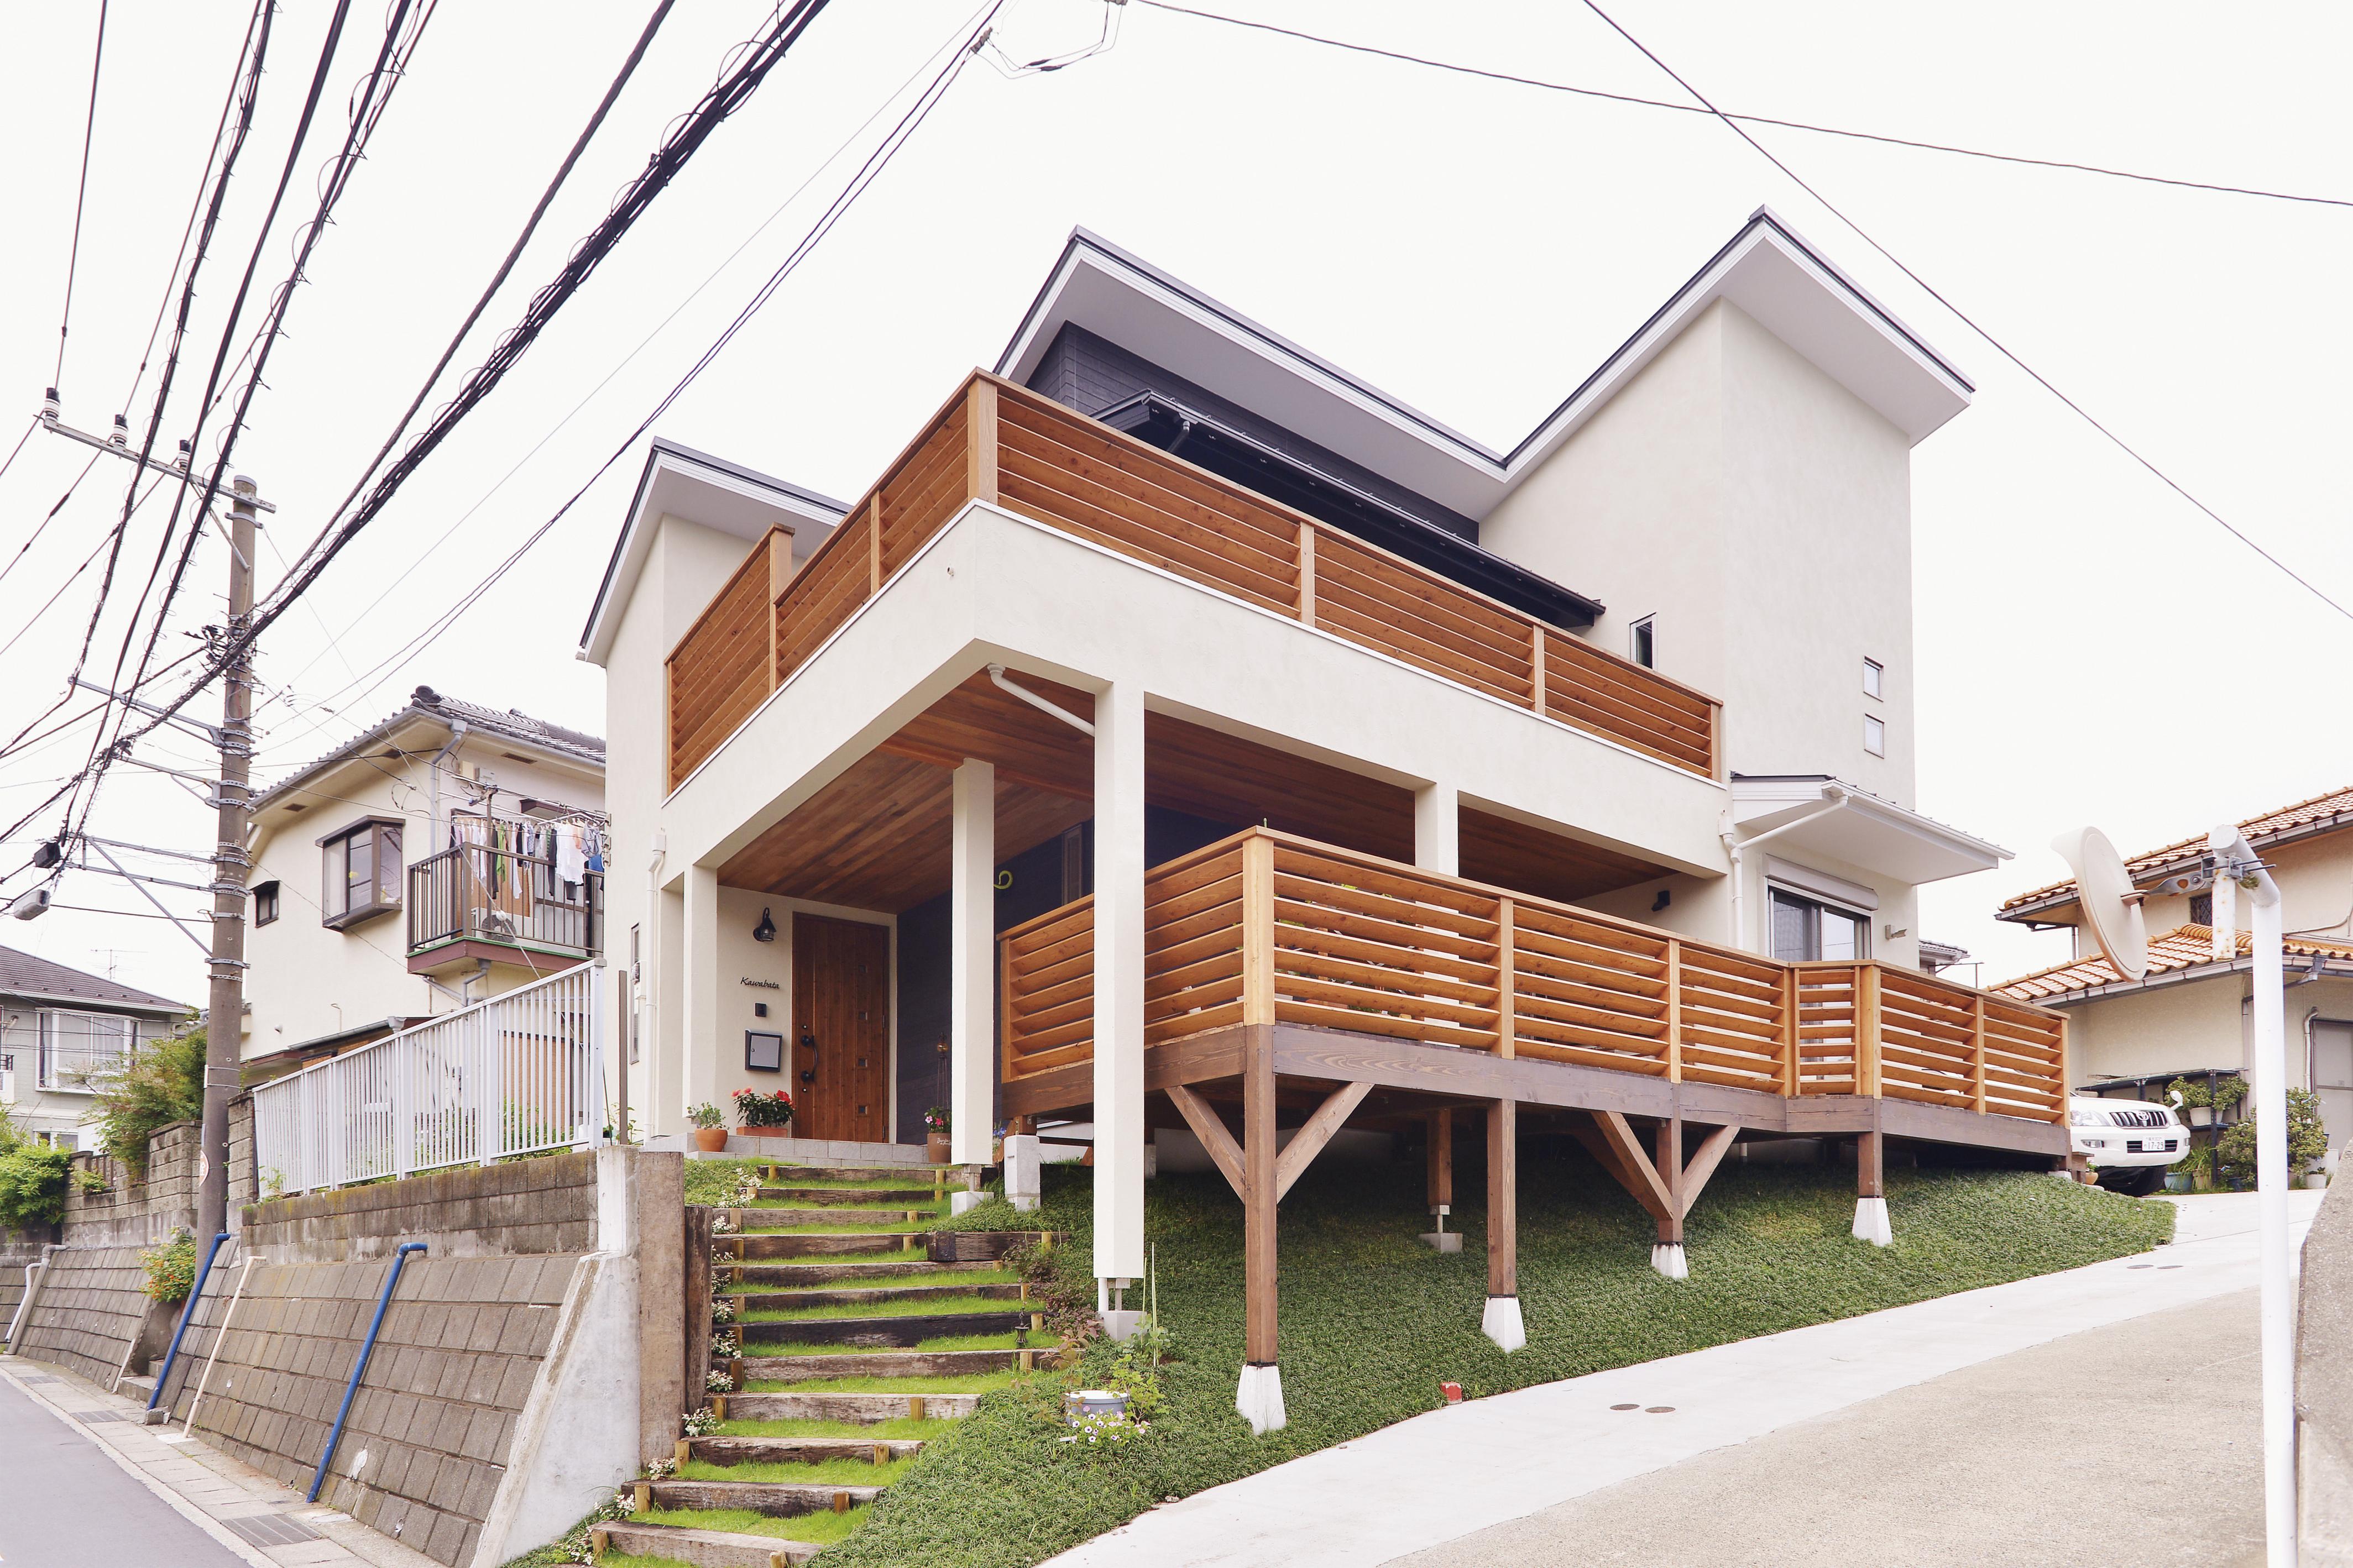 神奈川県で自然素材の注文住宅を建てる〜新築費用の上手な節約術を実現した家